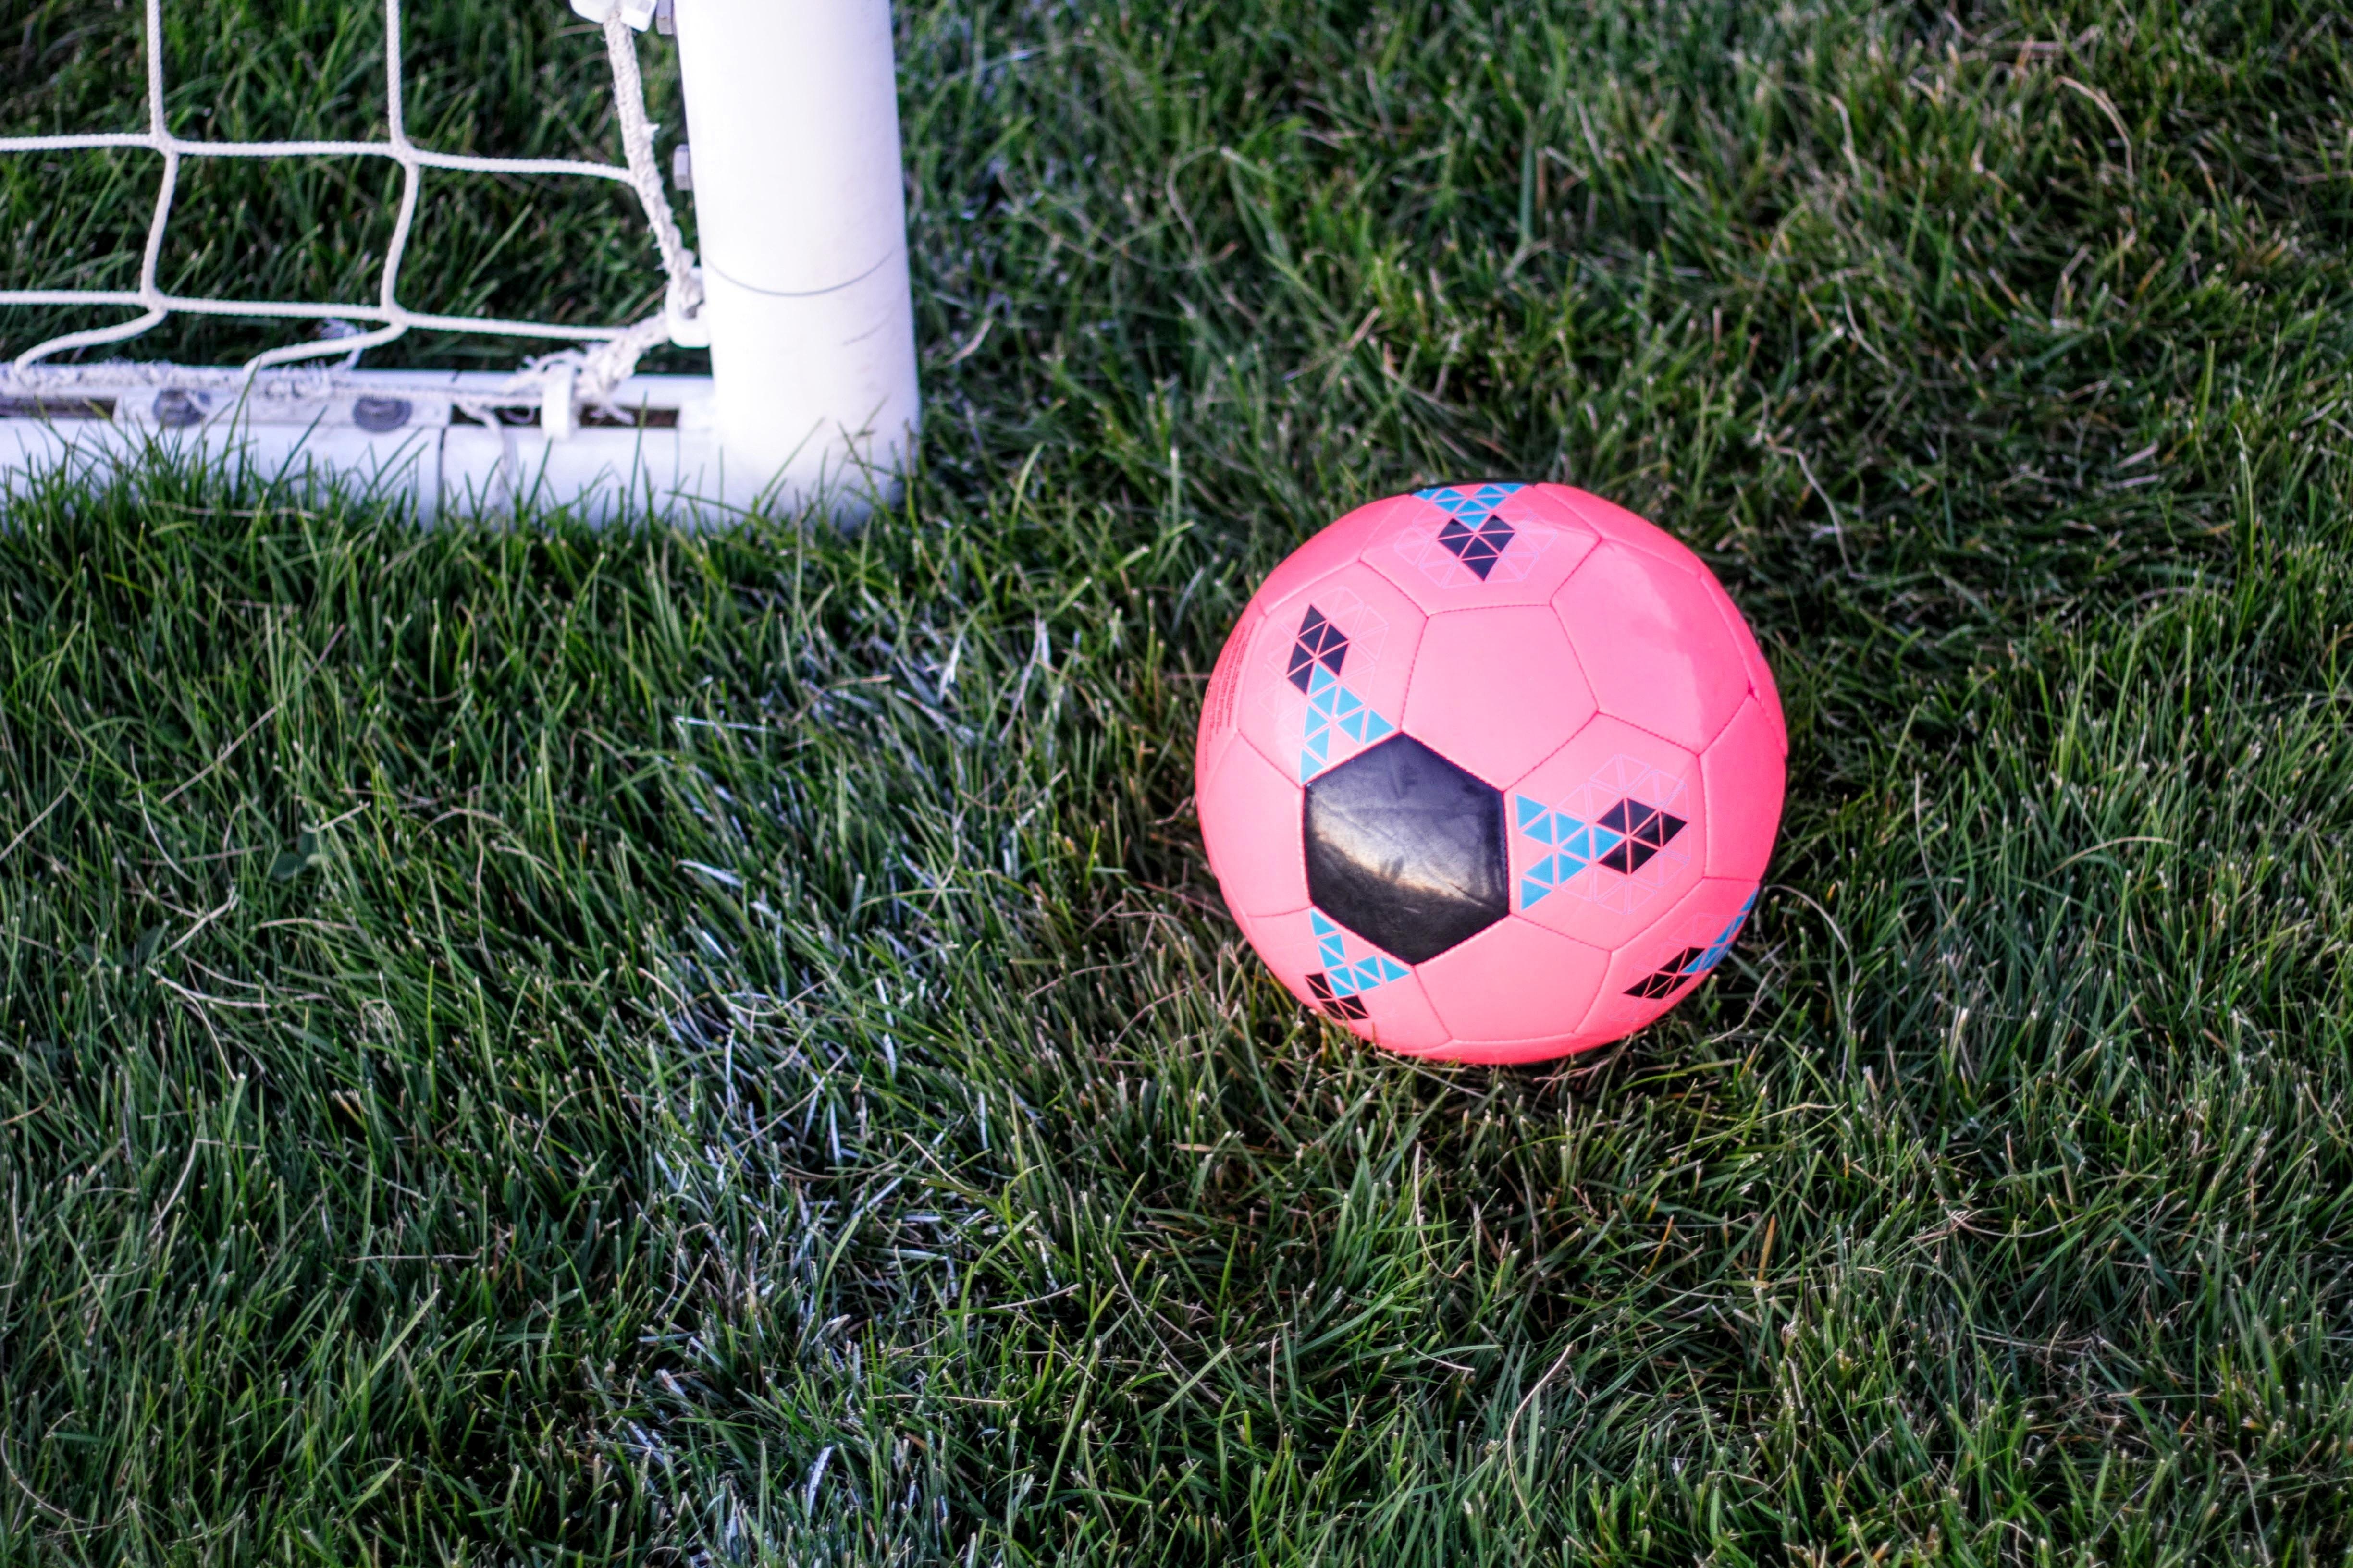 pink rubber ball beside goal net